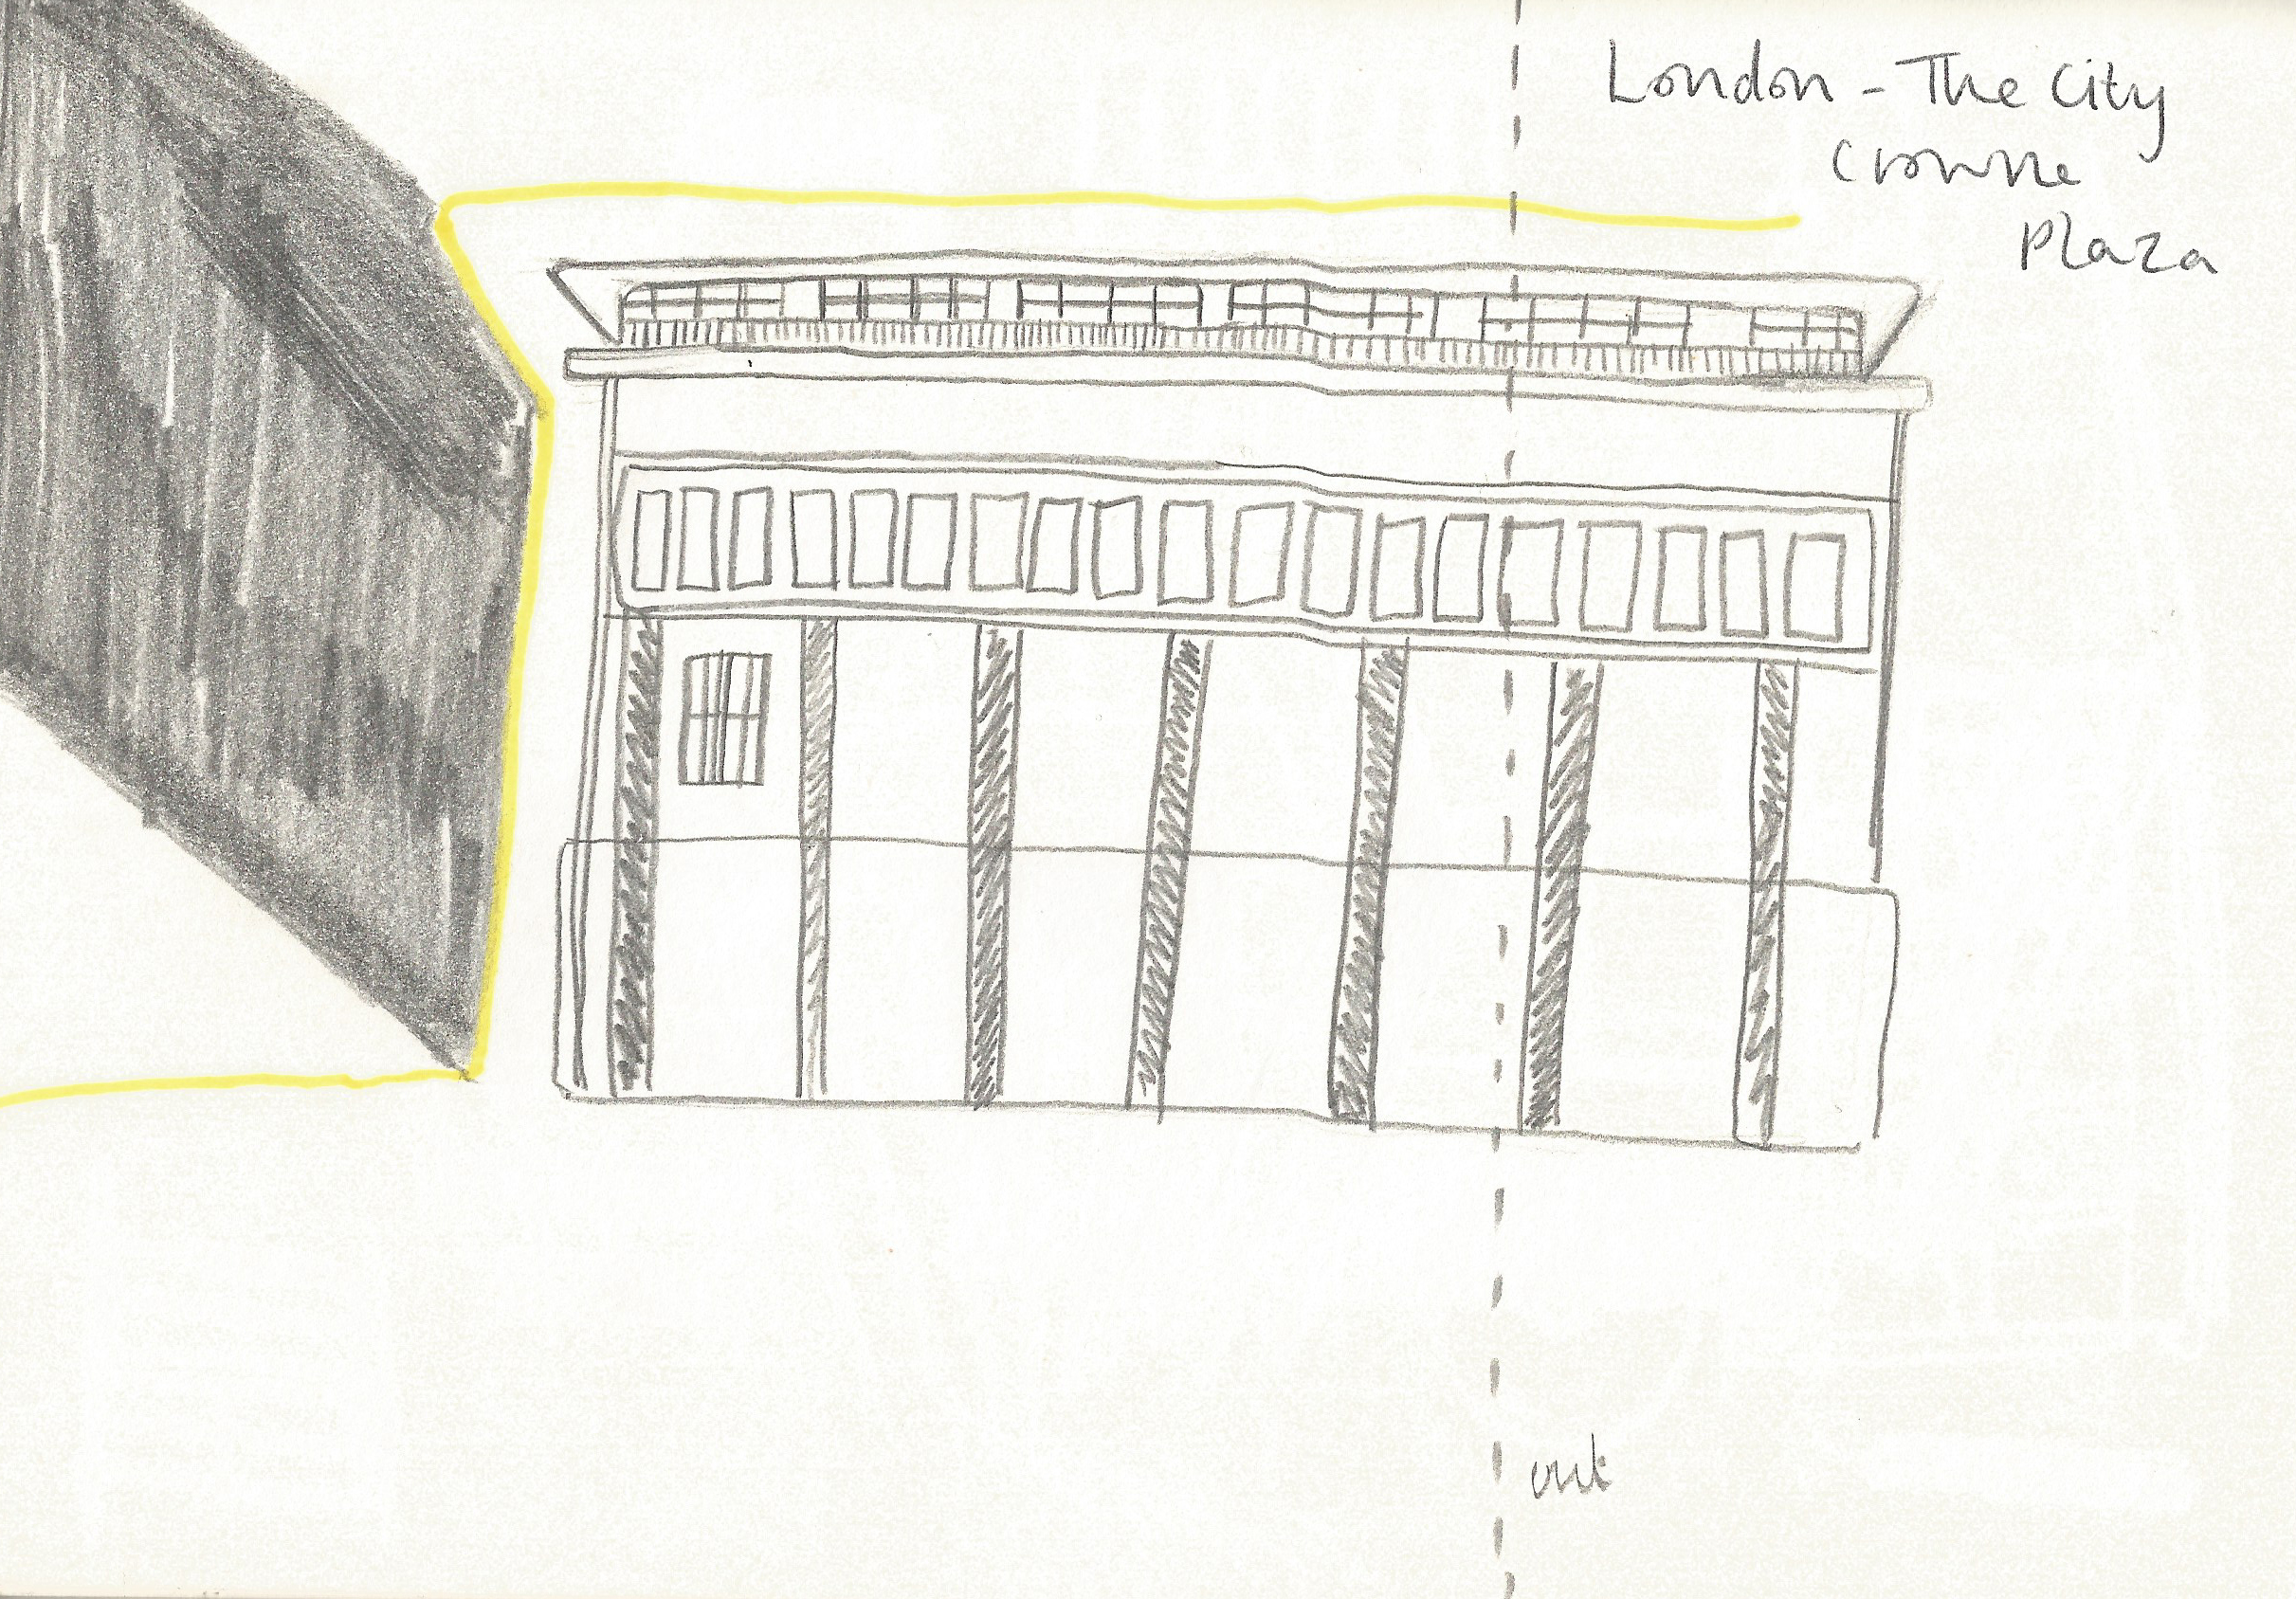 Crowne plaza sketch.jpg